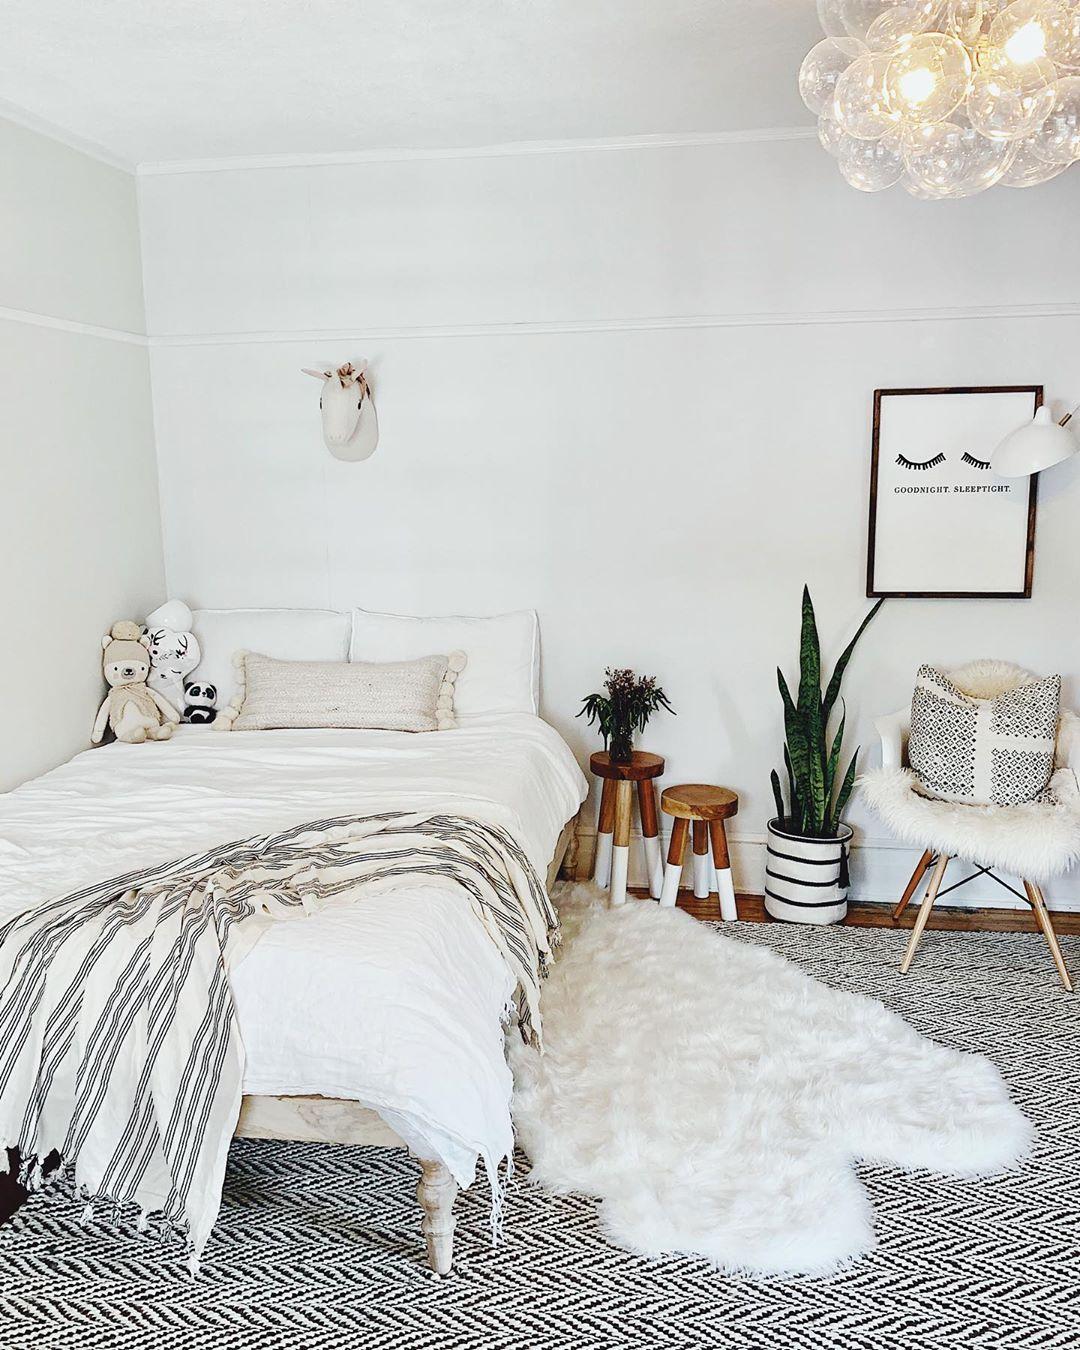 the complete set in linen  Room ideas bedroom, Bedroom decor